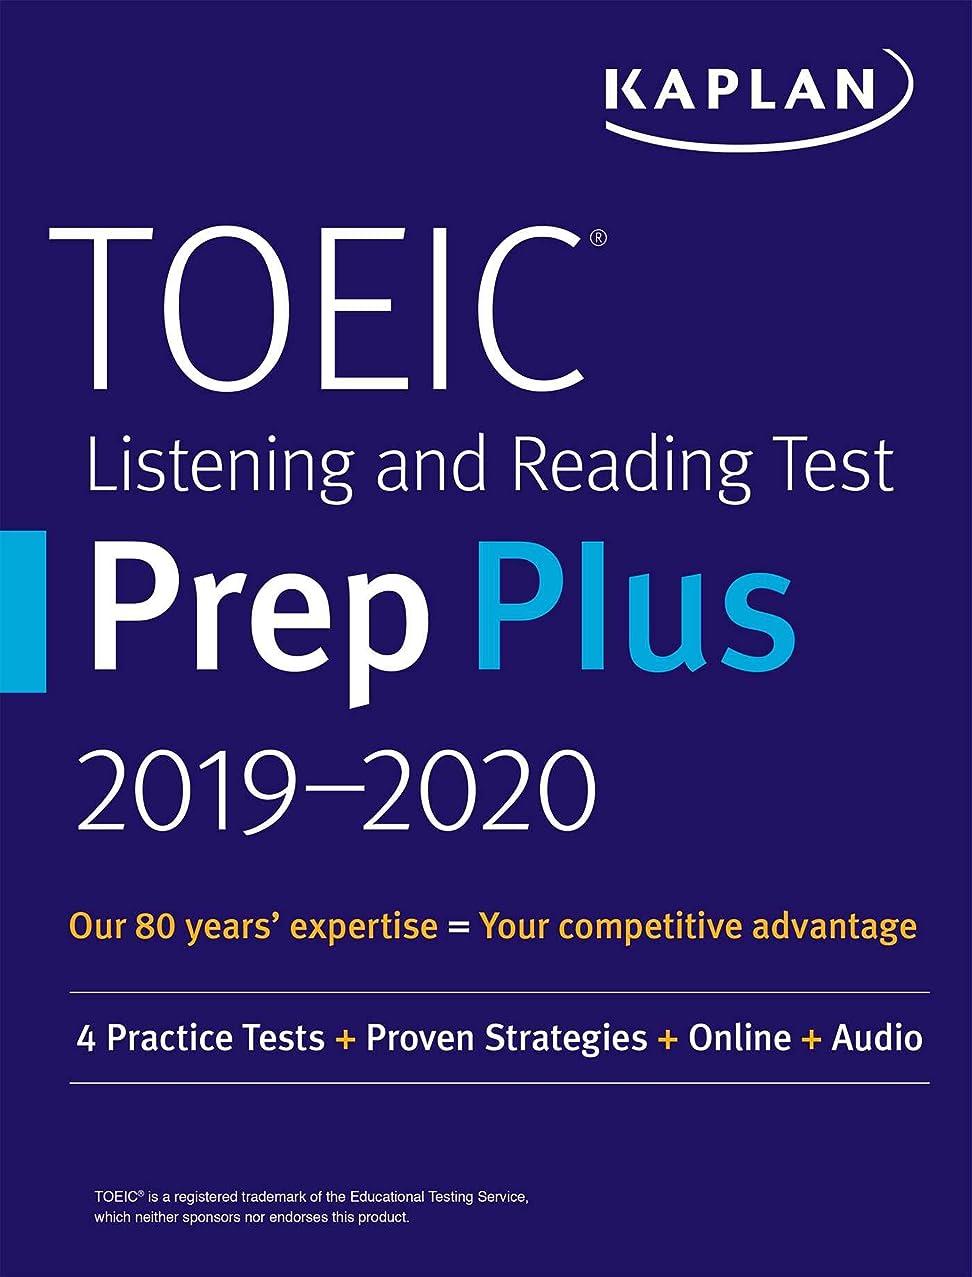 ワイプ洗練された生まれTOEIC Listening and Reading Test Prep Plus 2019-2020: 4 Practice Tests + Proven Strategies + Online + Audio (Kaplan Test Prep)